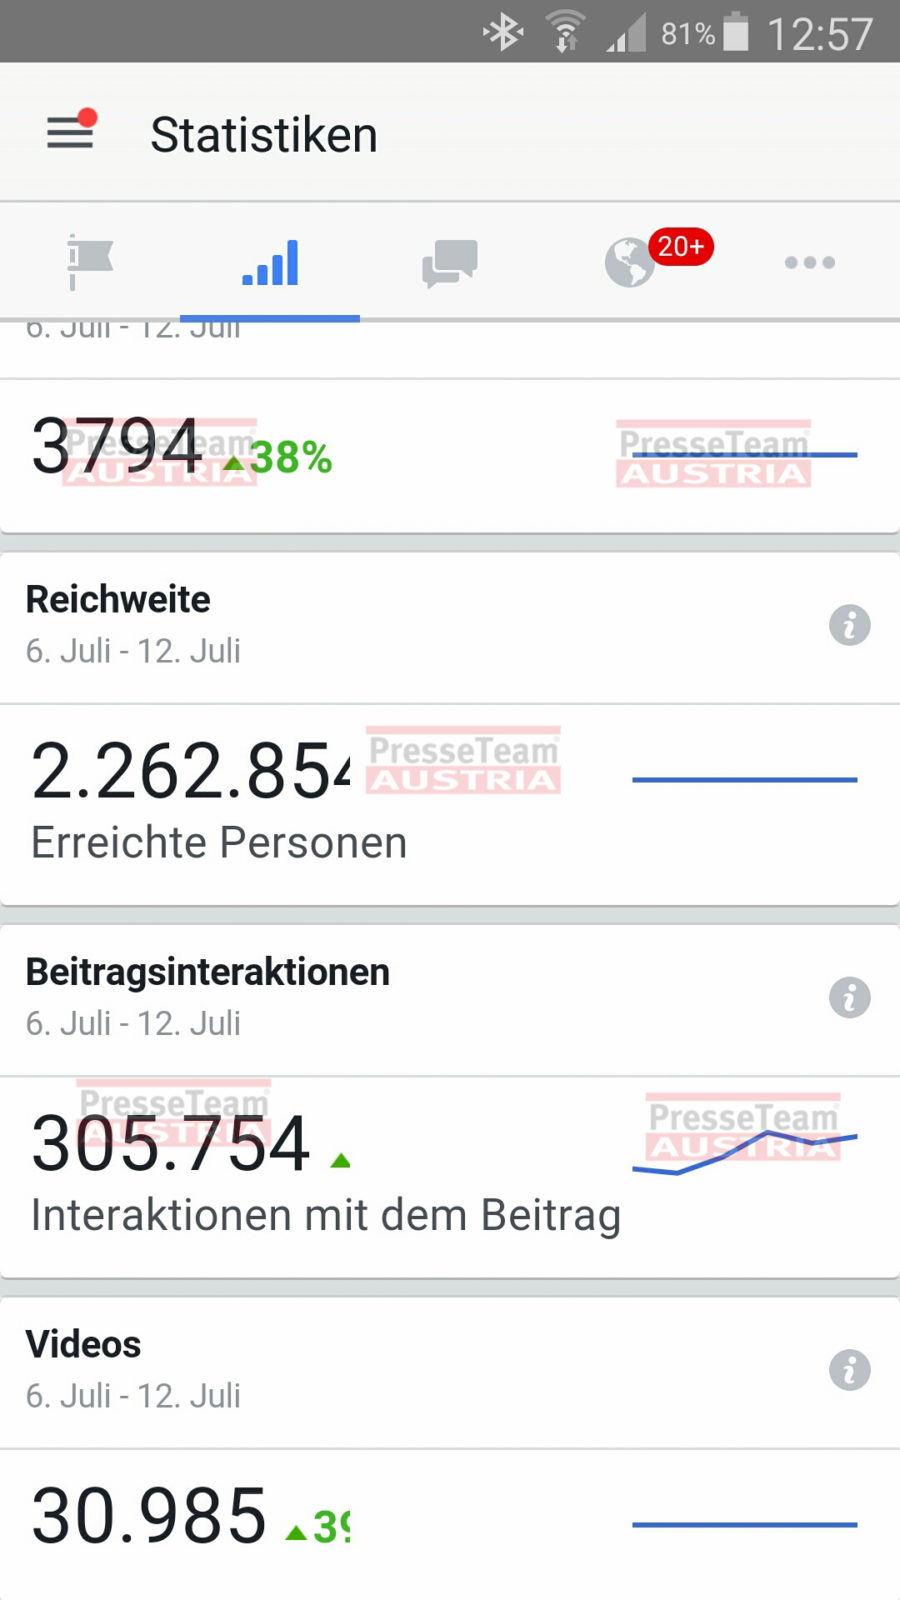 Facebook Marketing Schulung 44 - 10.730.101 Reichweite mit Facebook-Marketing: Der sichere Weg zu Ihrer Zielgruppe!